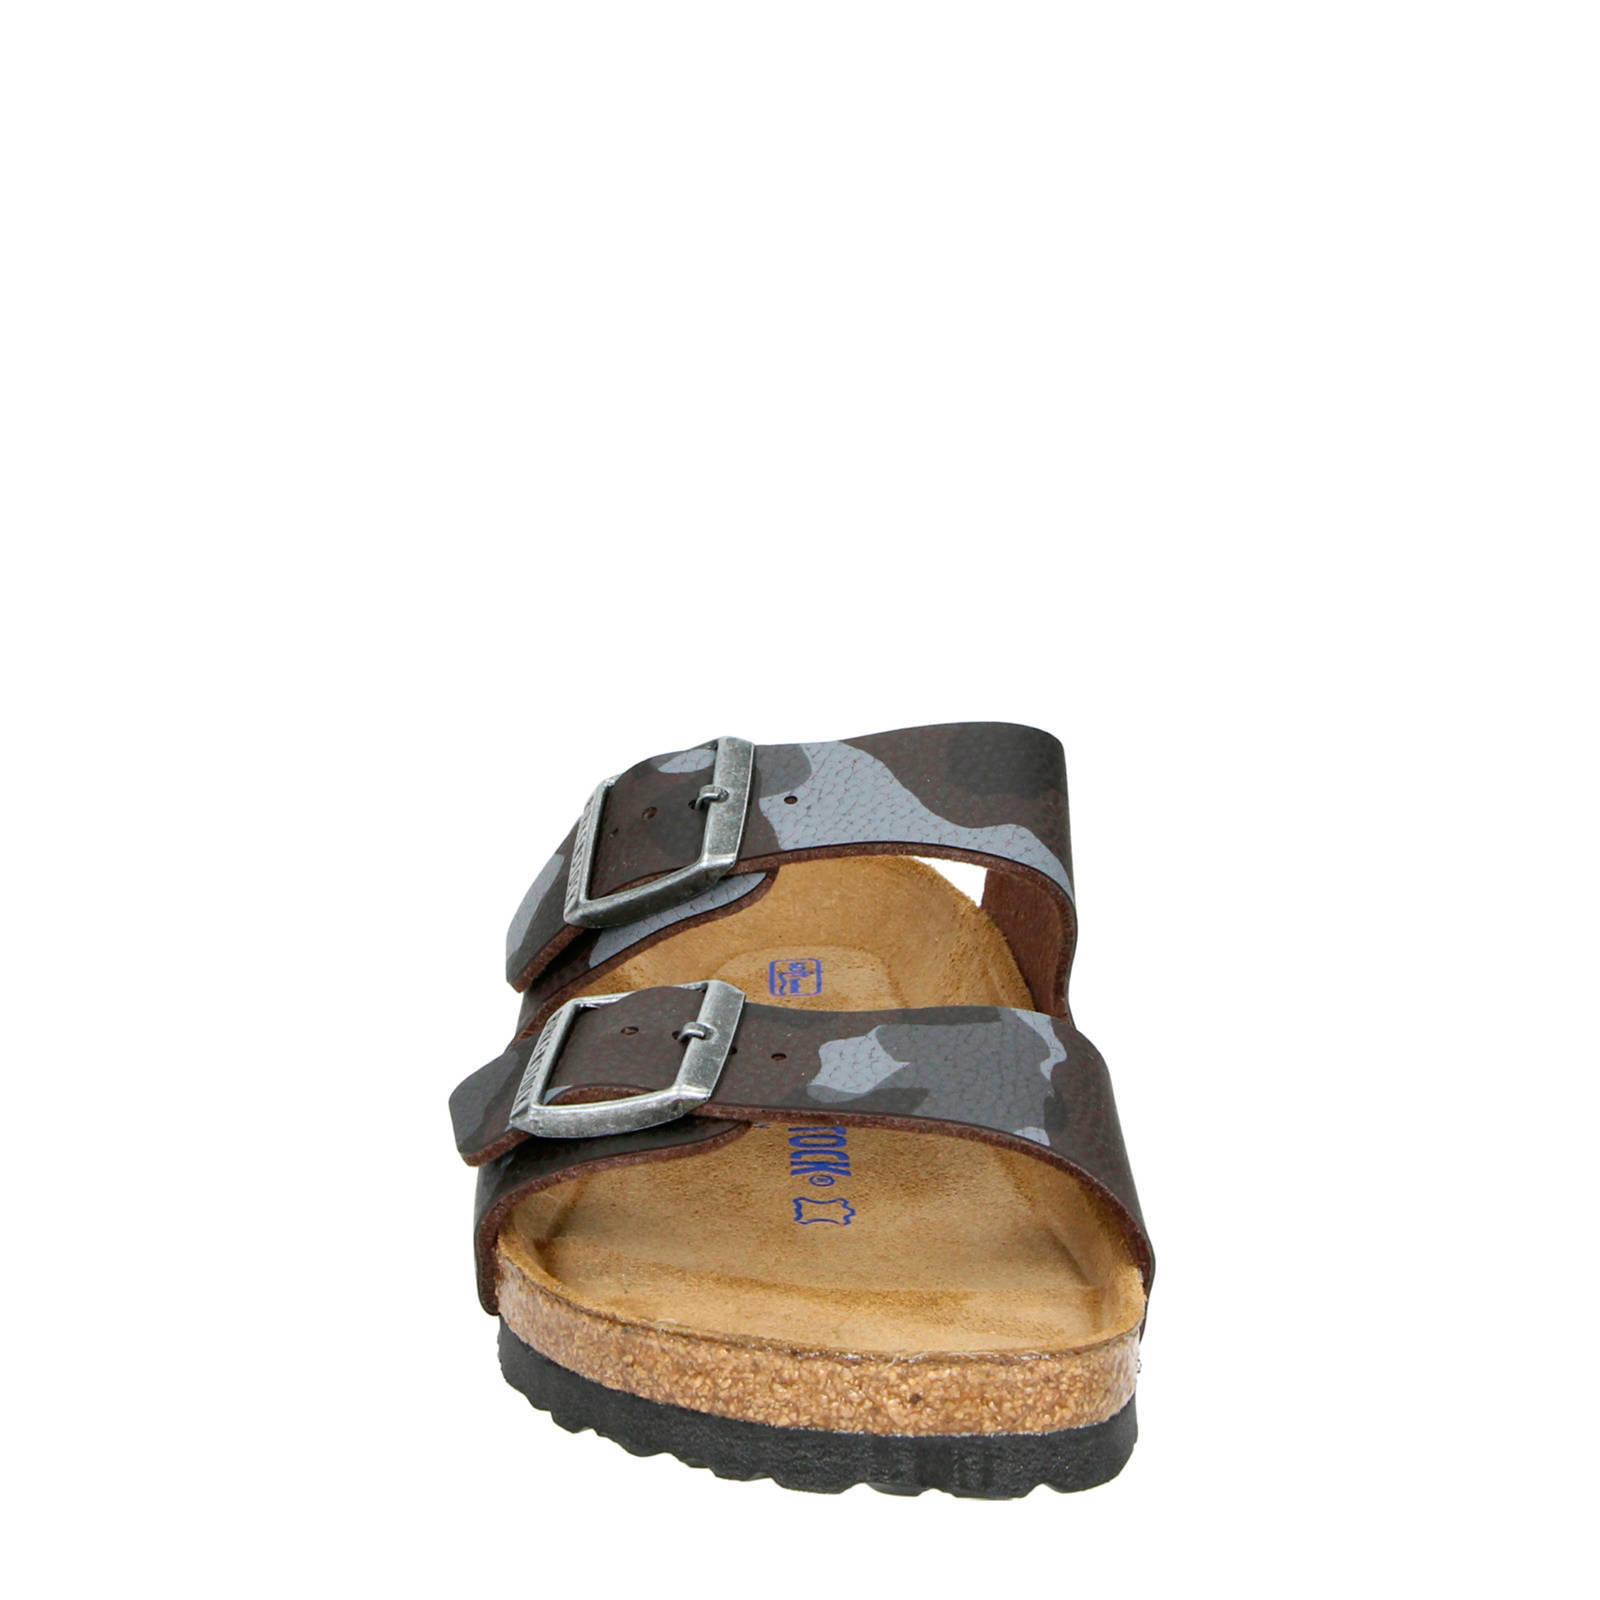 Birkenstock Arizona leren slippers camouflage | wehkamp